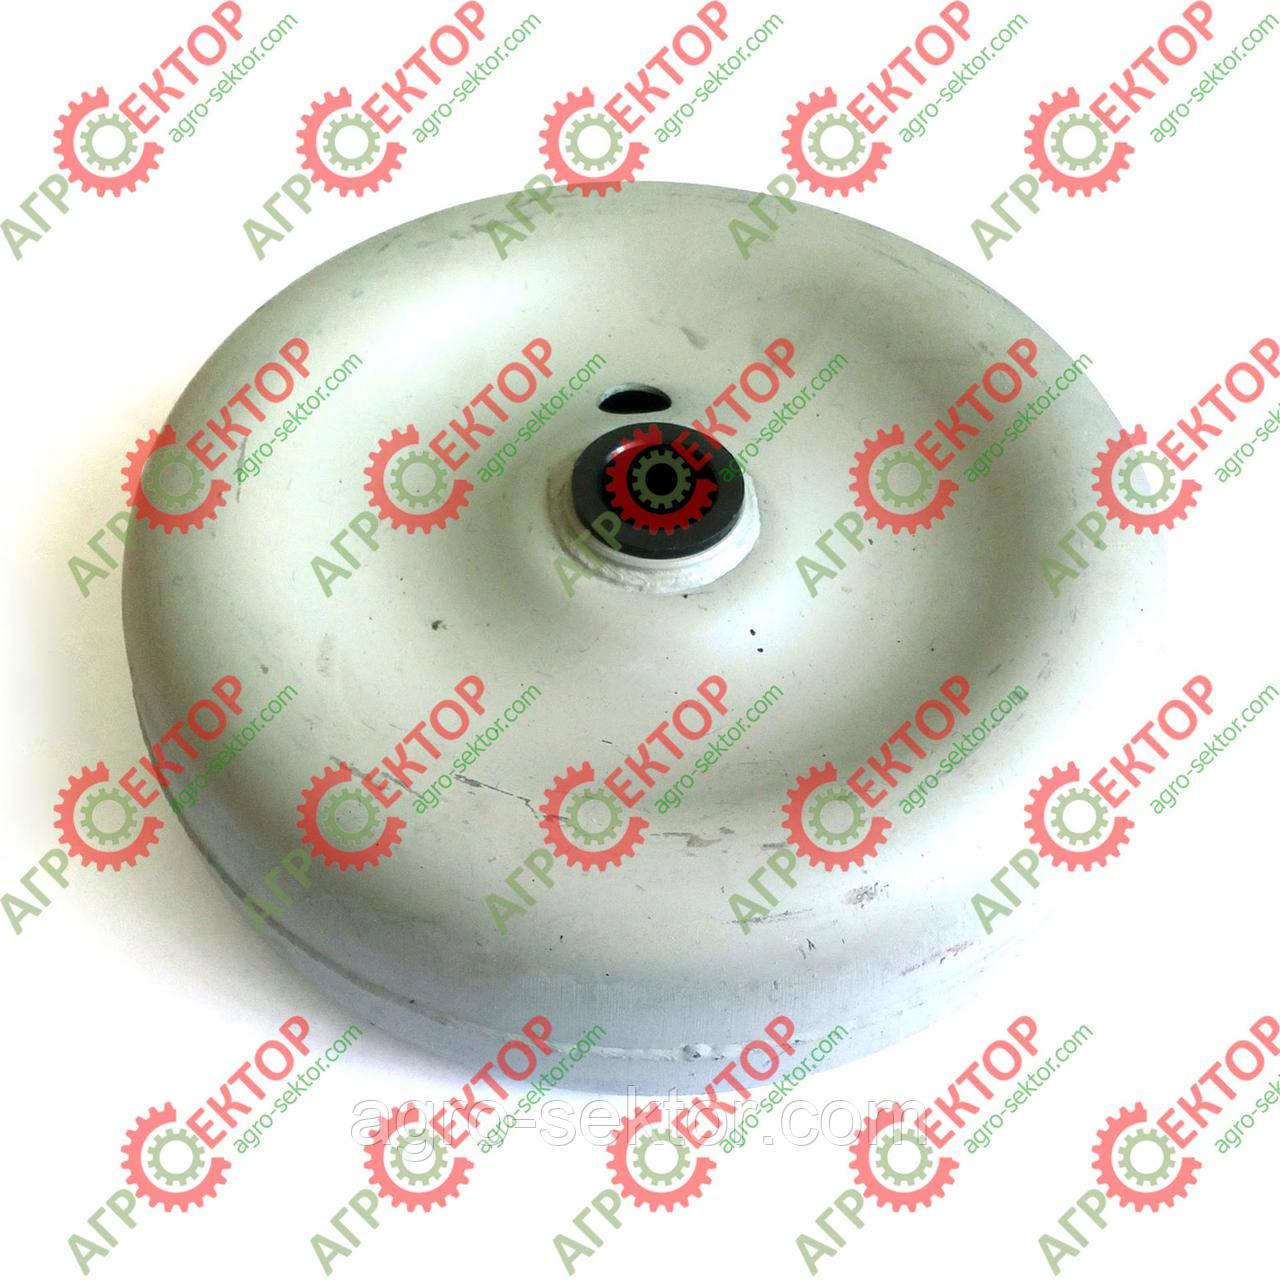 Колесо опорне підбирача на прес-підбирач Sipma Z-224 1322-160-730.10t